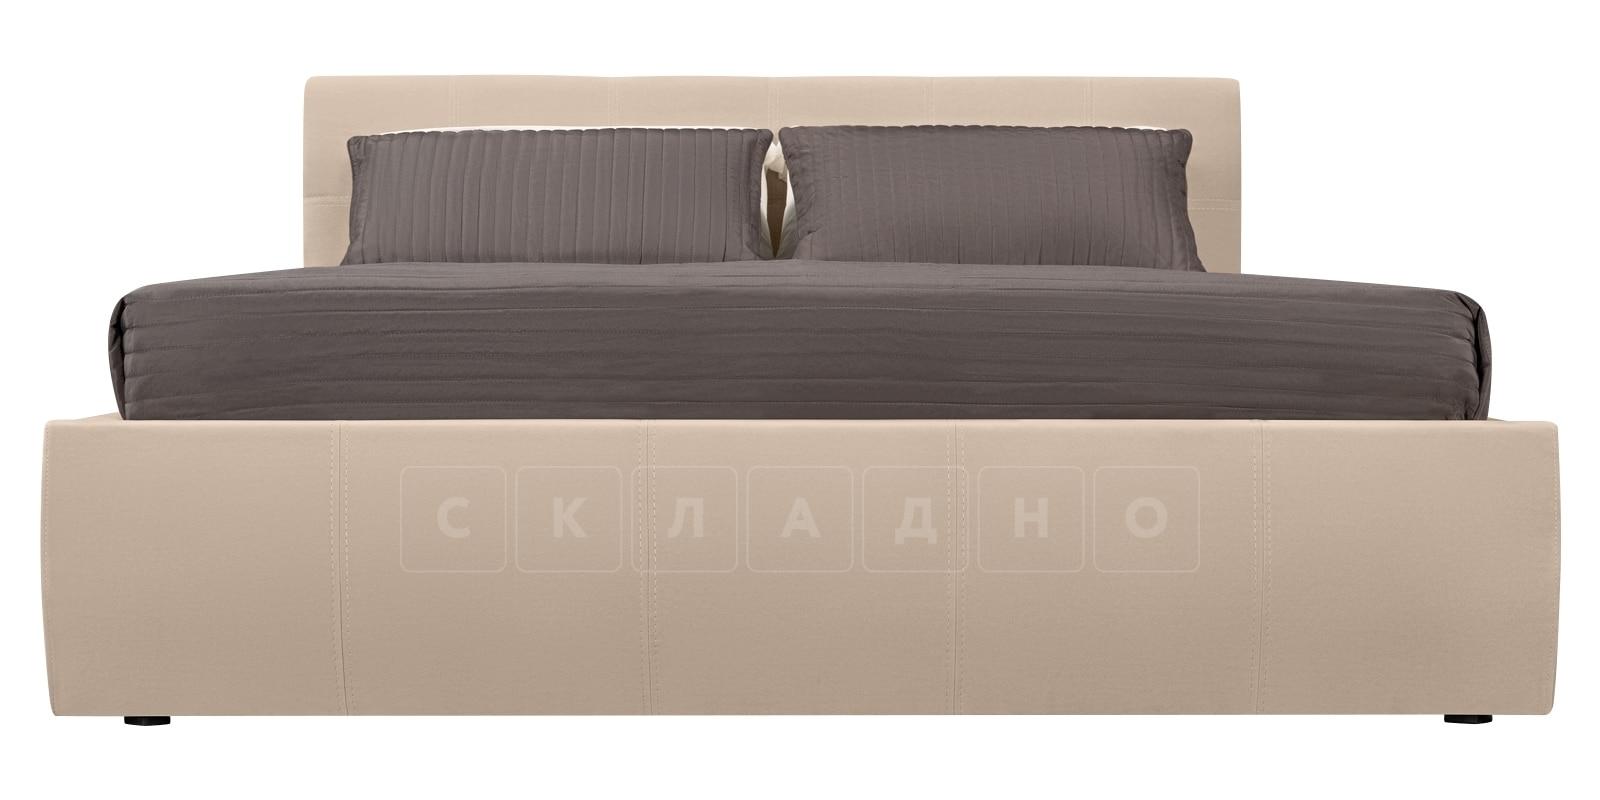 Мягкая кровать Афина 140см велюр бежевый фото 4 | интернет-магазин Складно